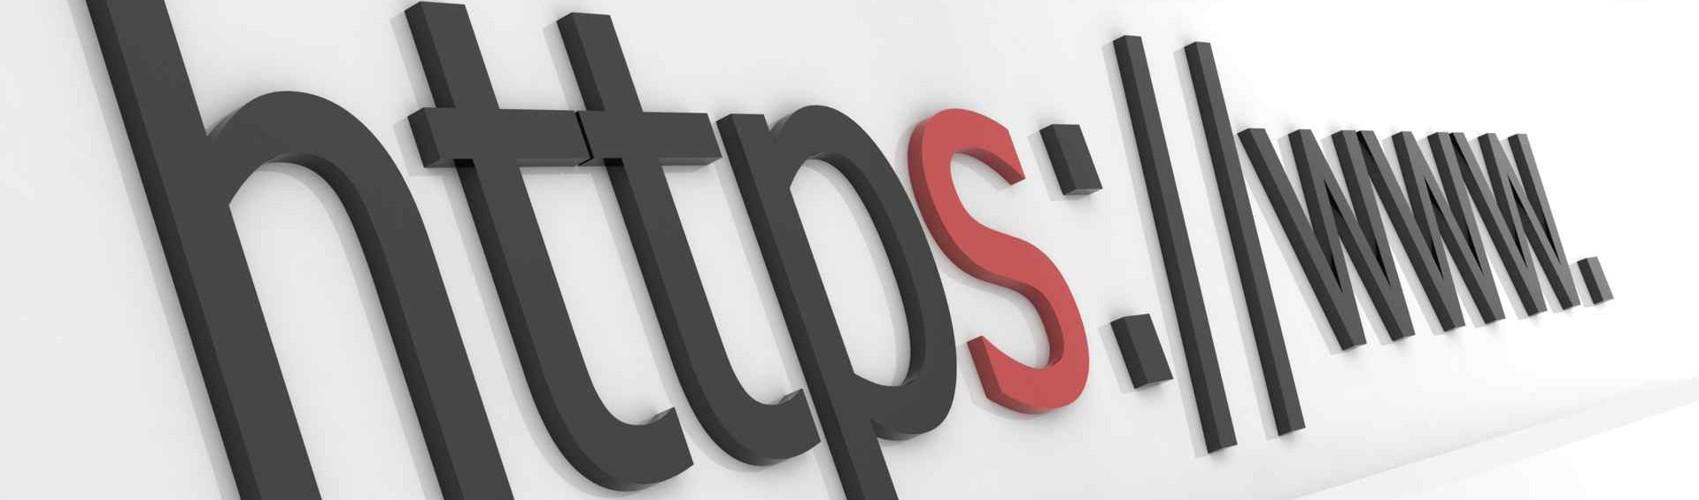 Ssl Certificate Providers In Mumbai Ssl Certificate Pace Infonet